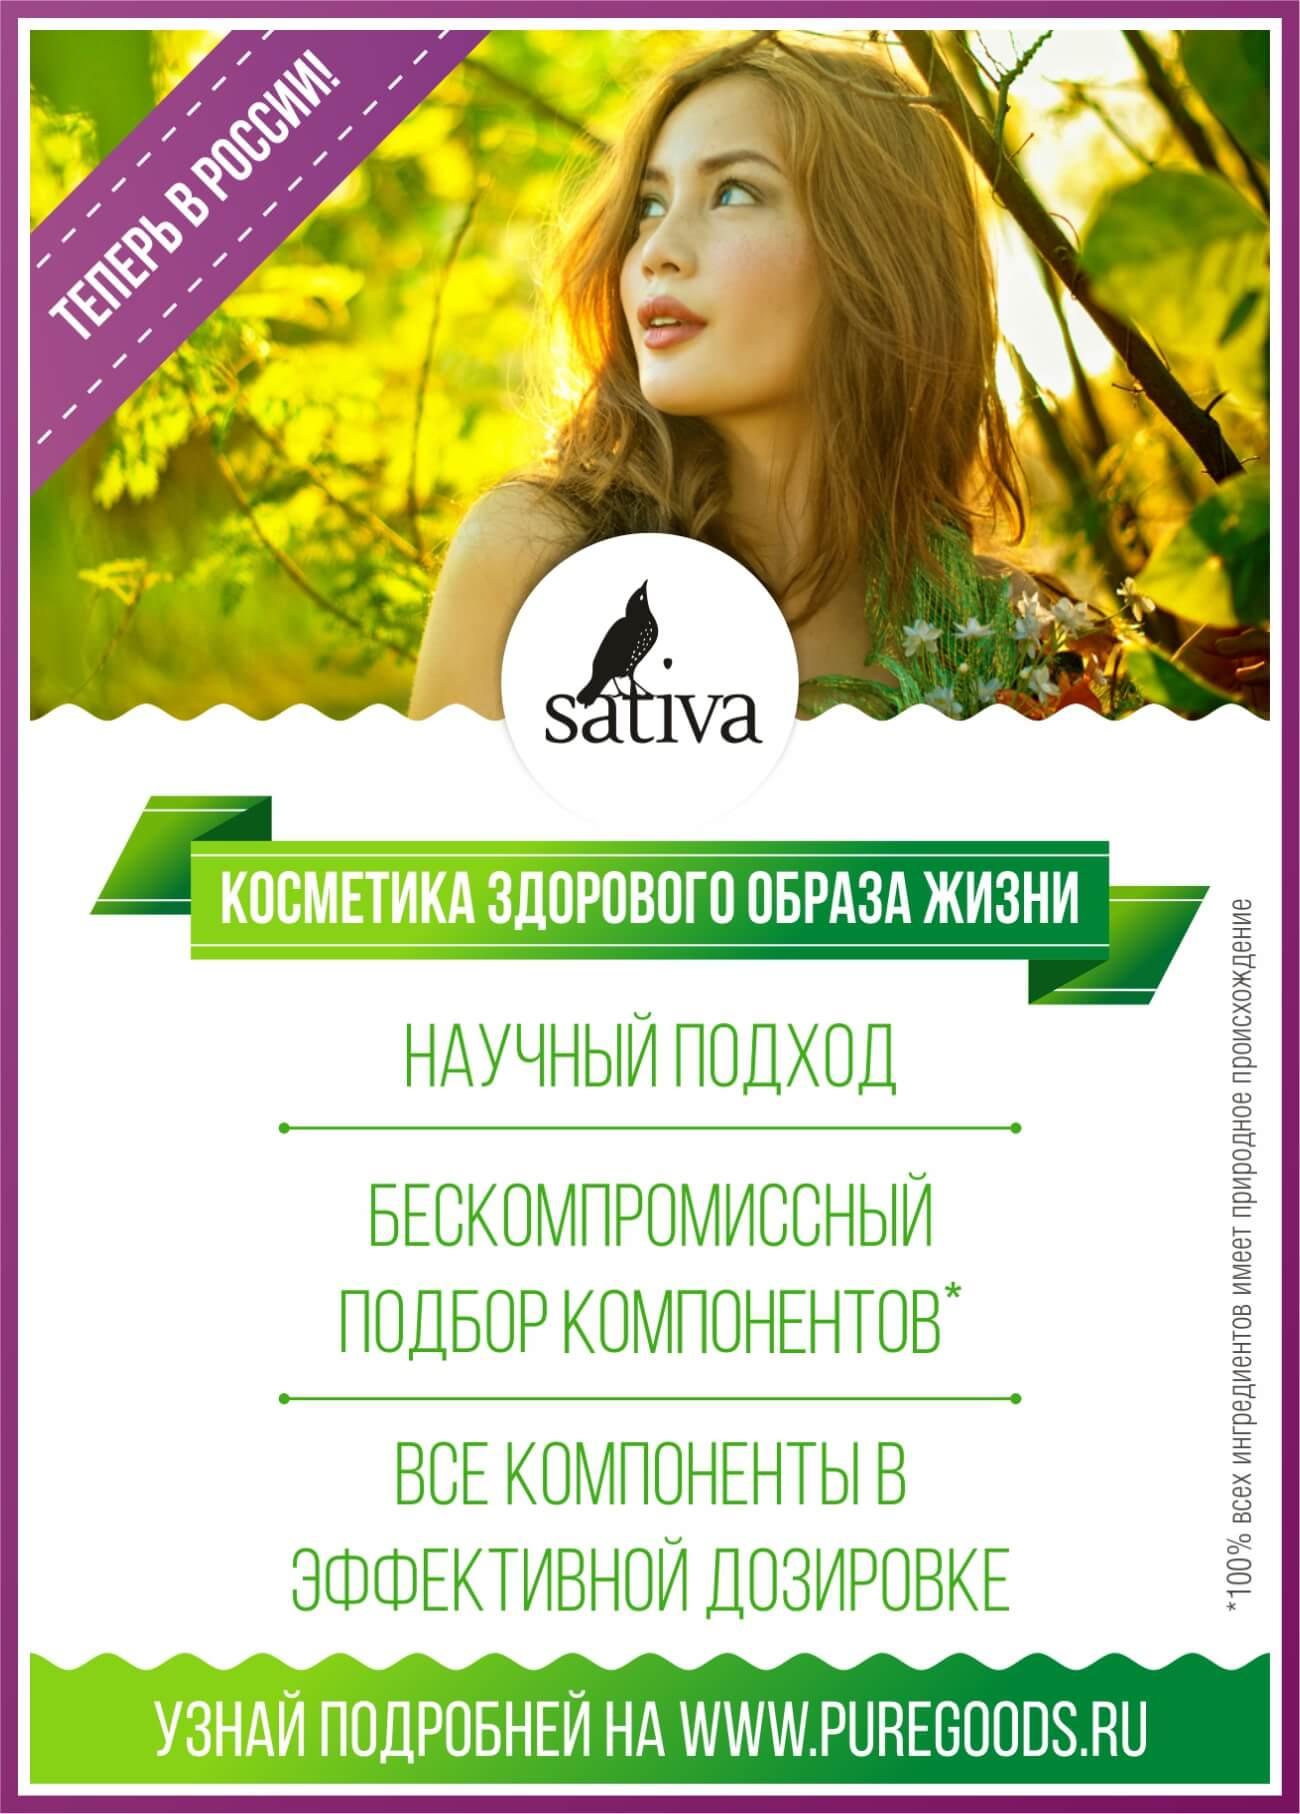 Sativa баннер